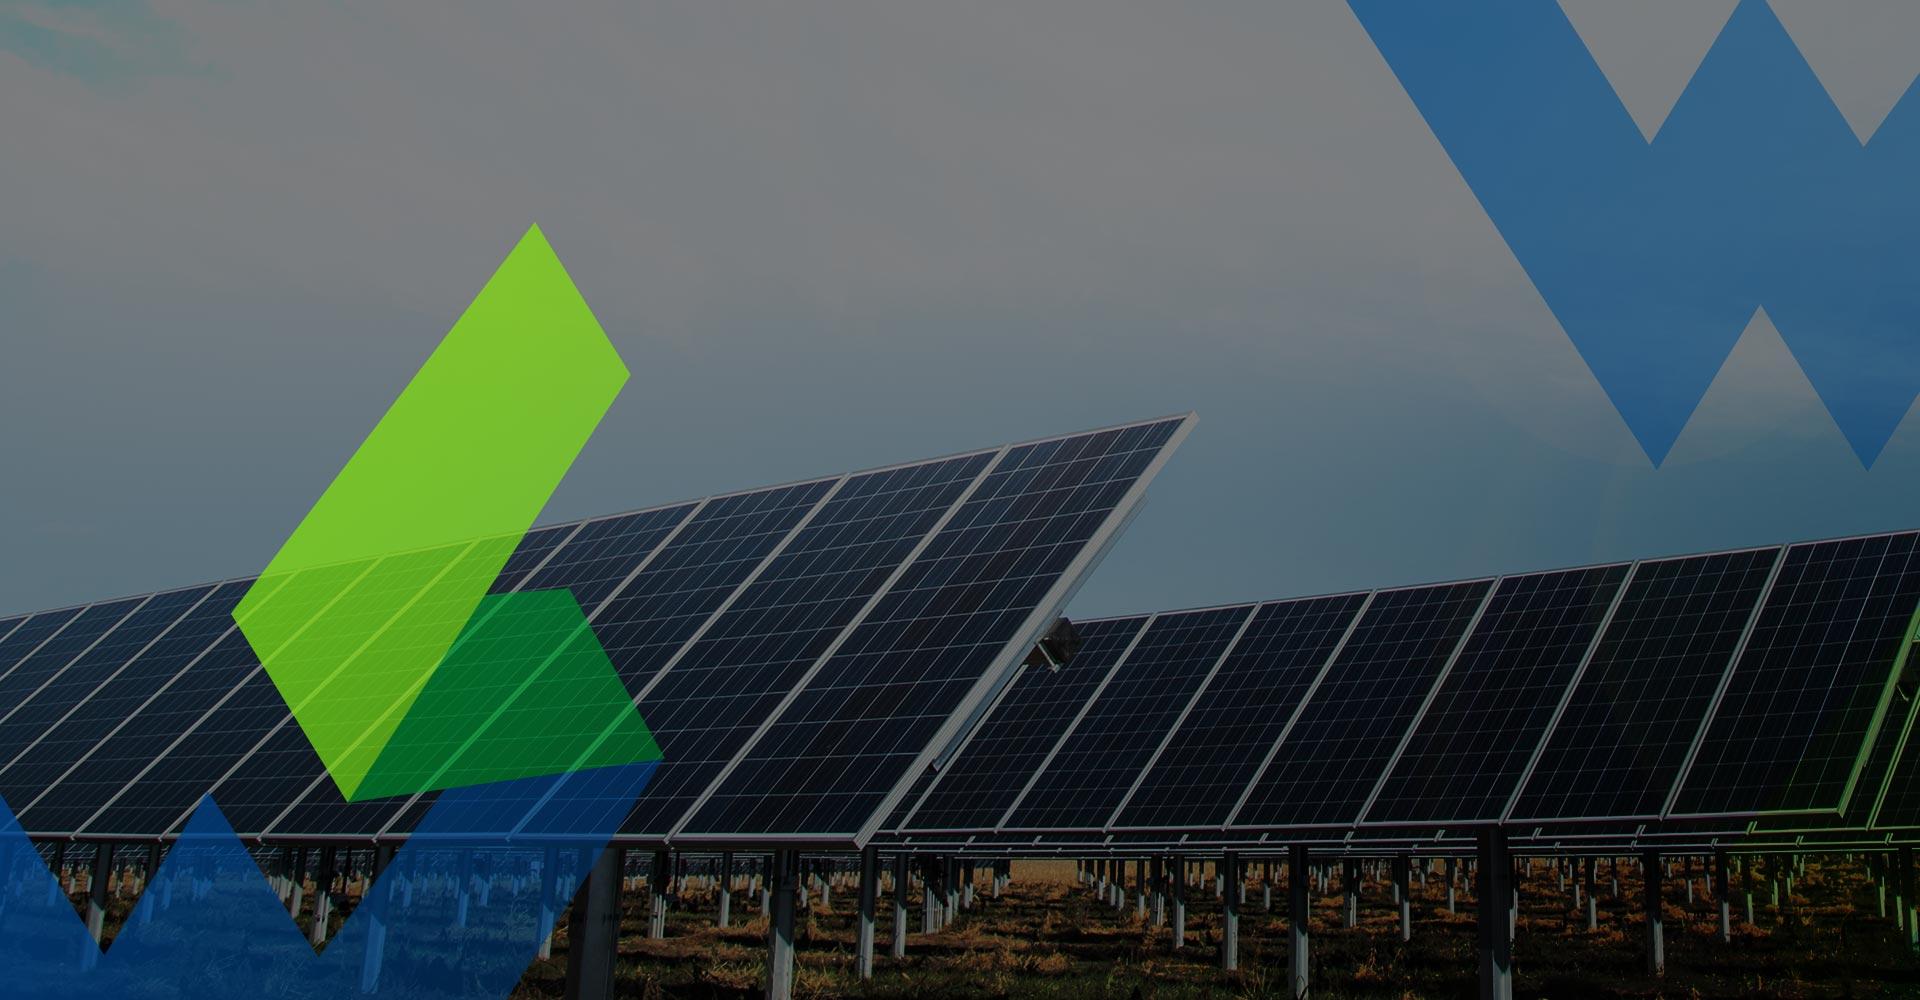 W S  Energia Fotovoltaica<br>Transformando raios de sol em energia para Birigui e região.